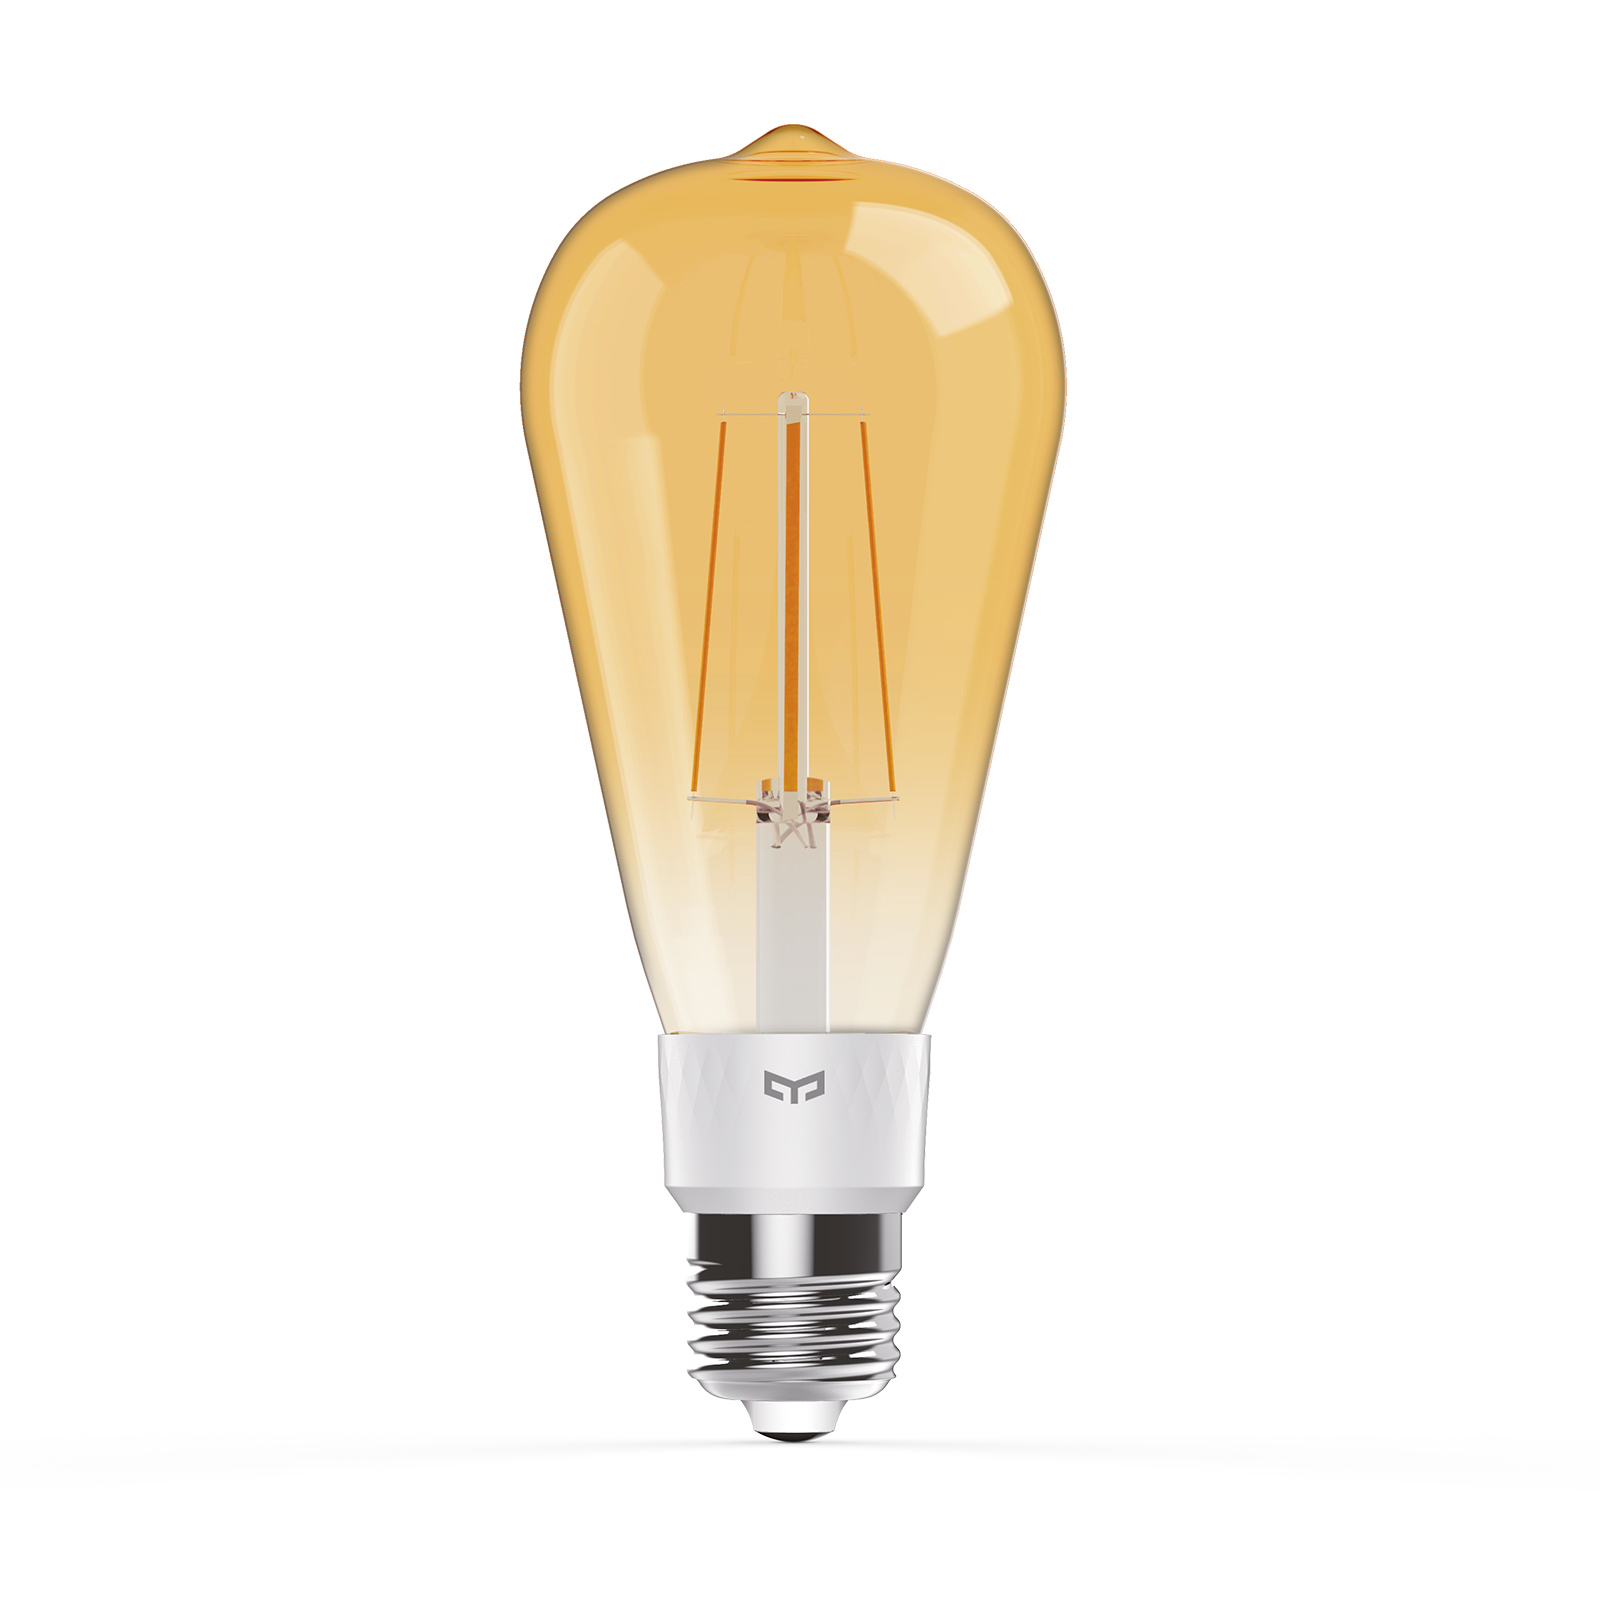 Yeelight Smart LED-pære E27 6W filament 2000K dim